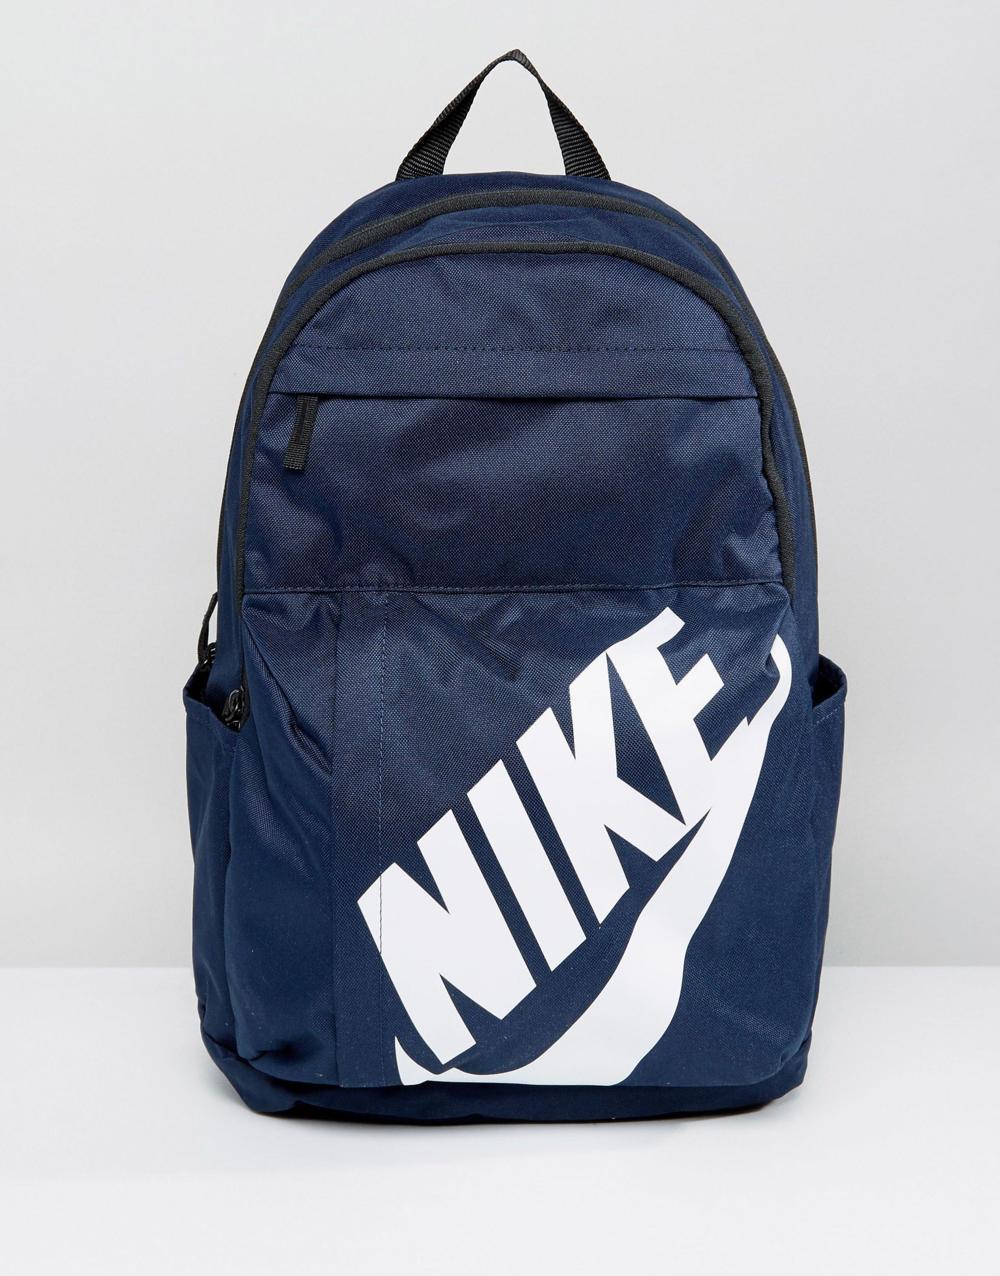 Mochila Nike Elmntl BKPK 588c38d83784d